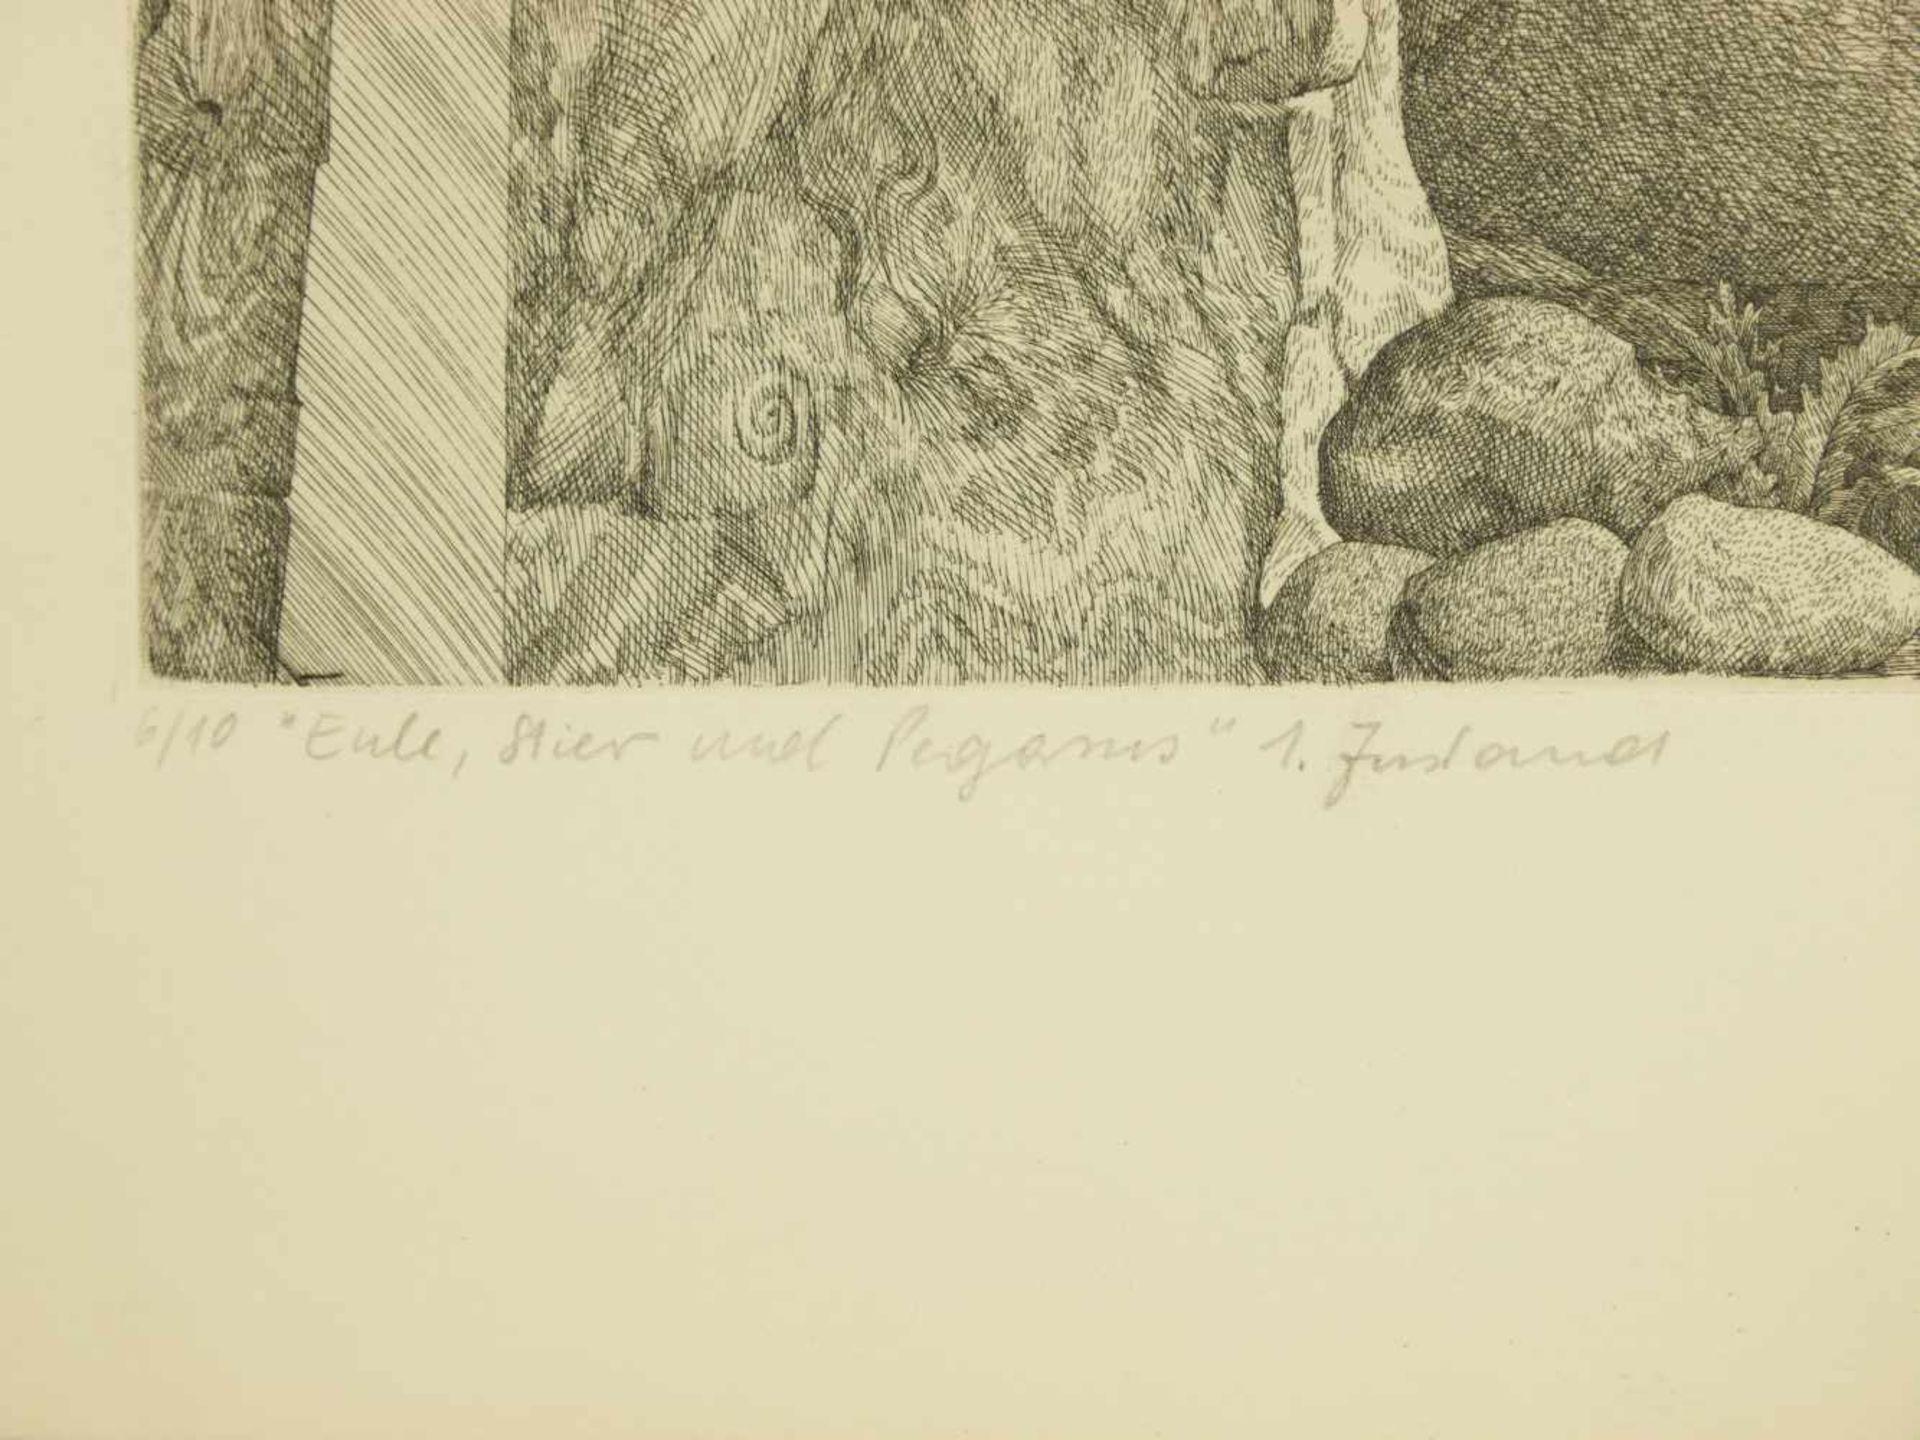 Los 43 - Proksch, Peter (1935-2012) - Radierung Eule, Stier und Pegasus 6/10 1. Zustand 1969Sonderedition des